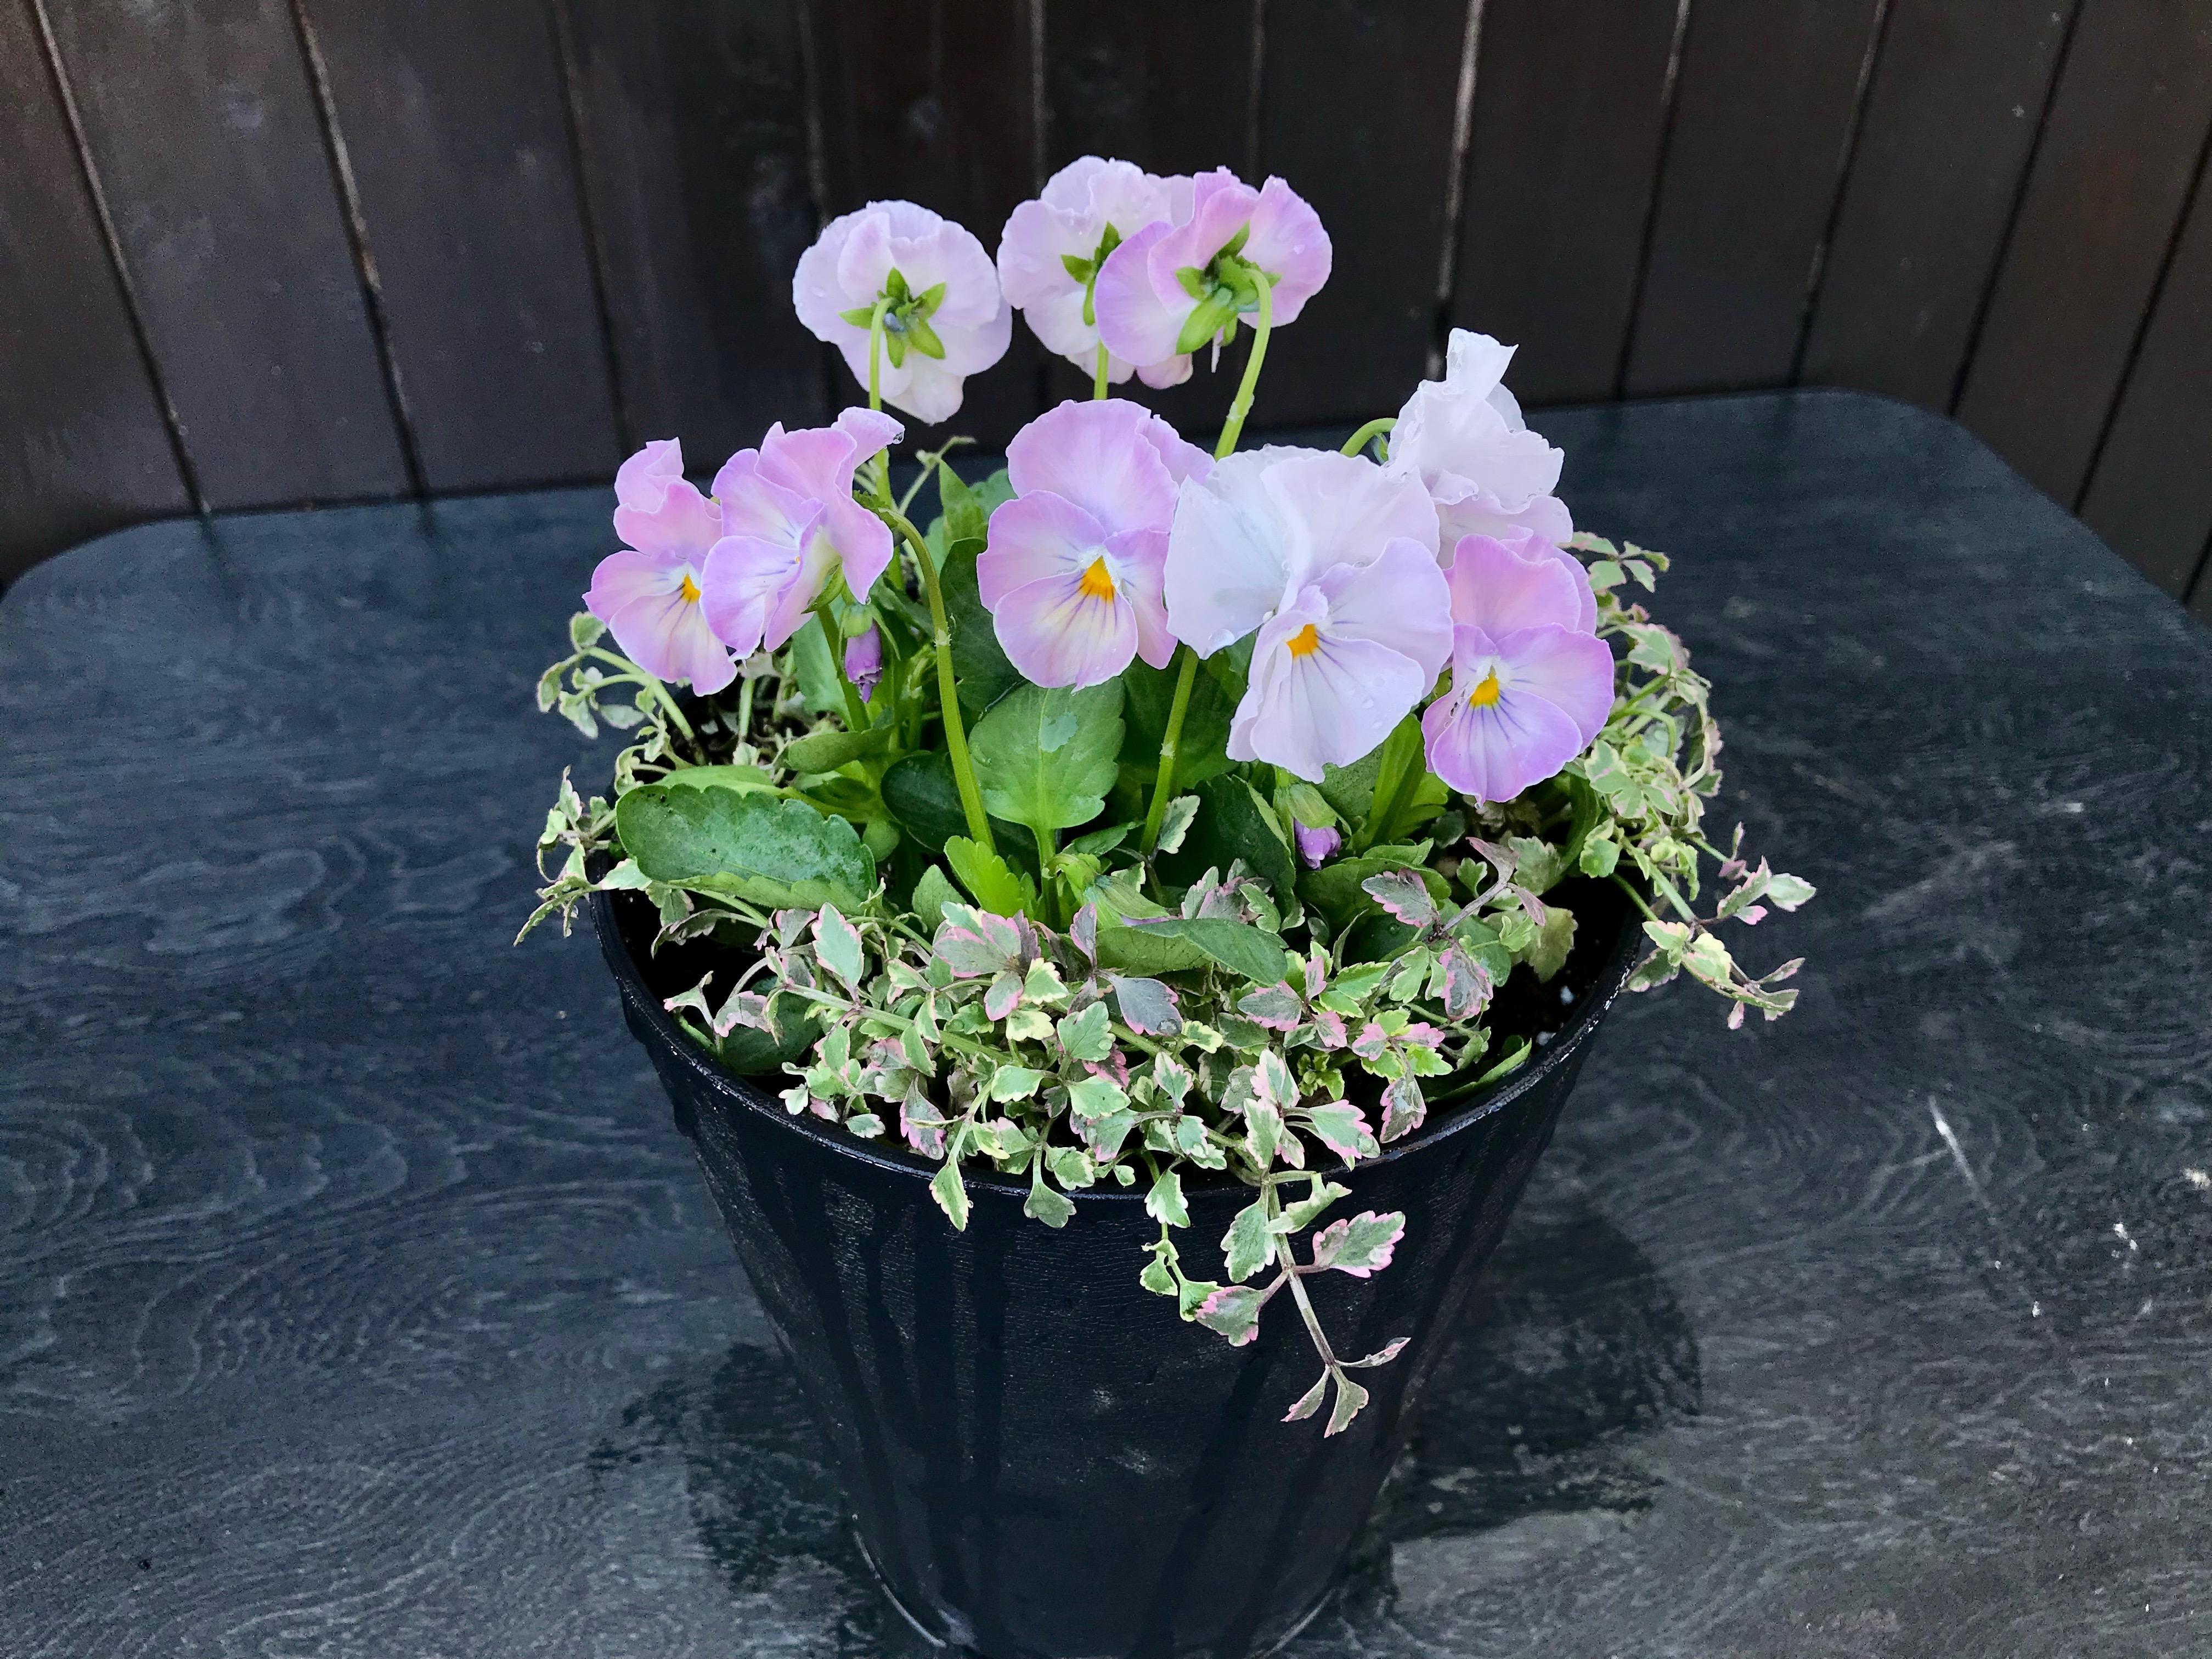 ビオラの寄せ植え 小さな鉢を春まで楽しもう